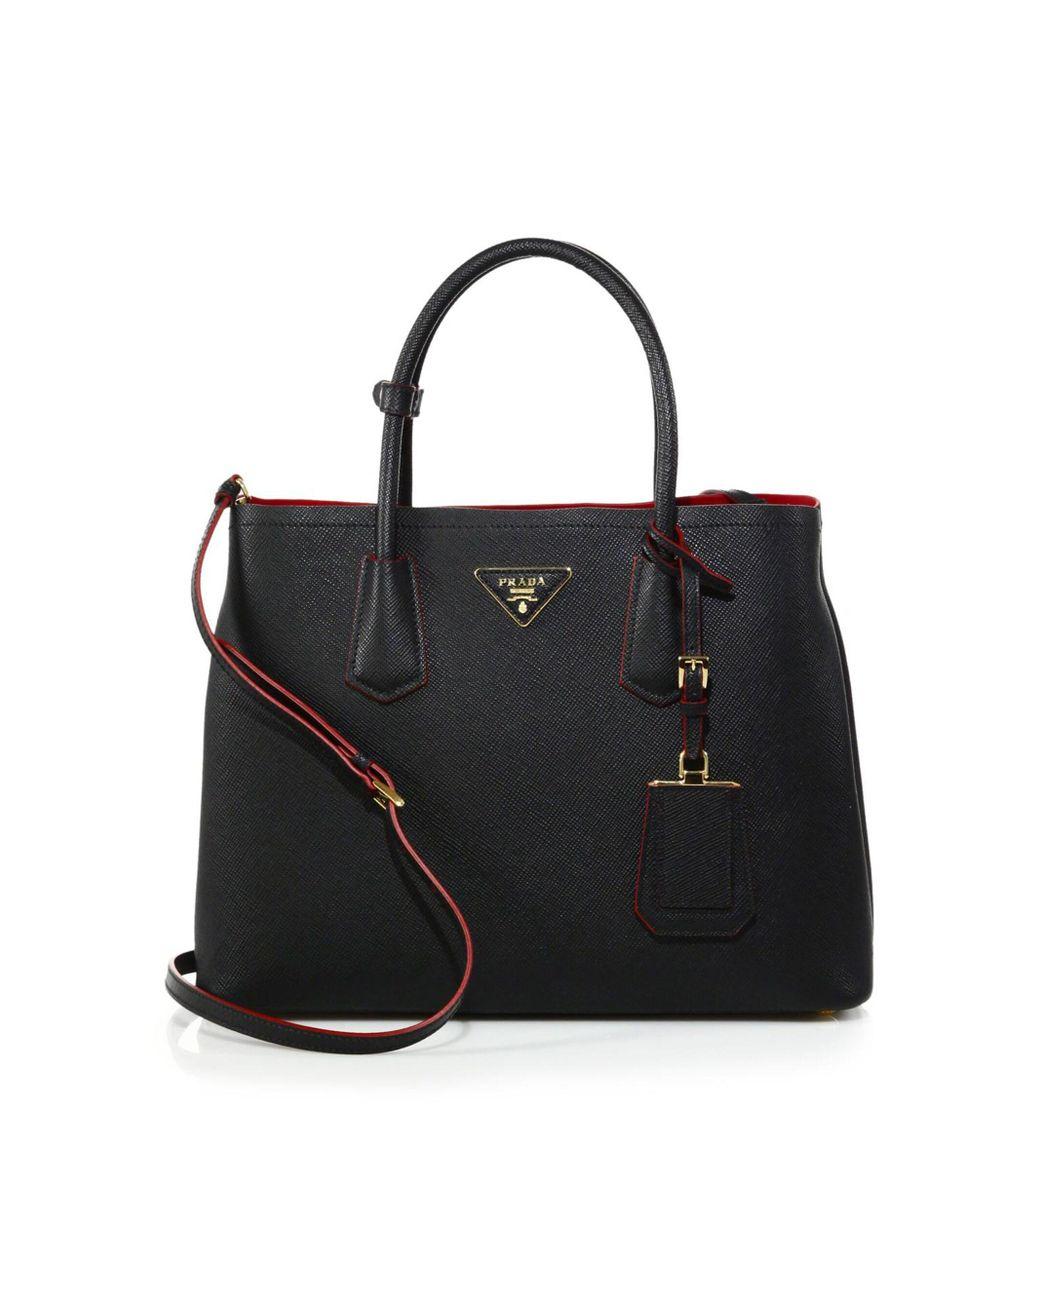 503fc88c6c4b Lyst - Prada Saffiano Cuir Medium Double Bag in Black - Save 2%